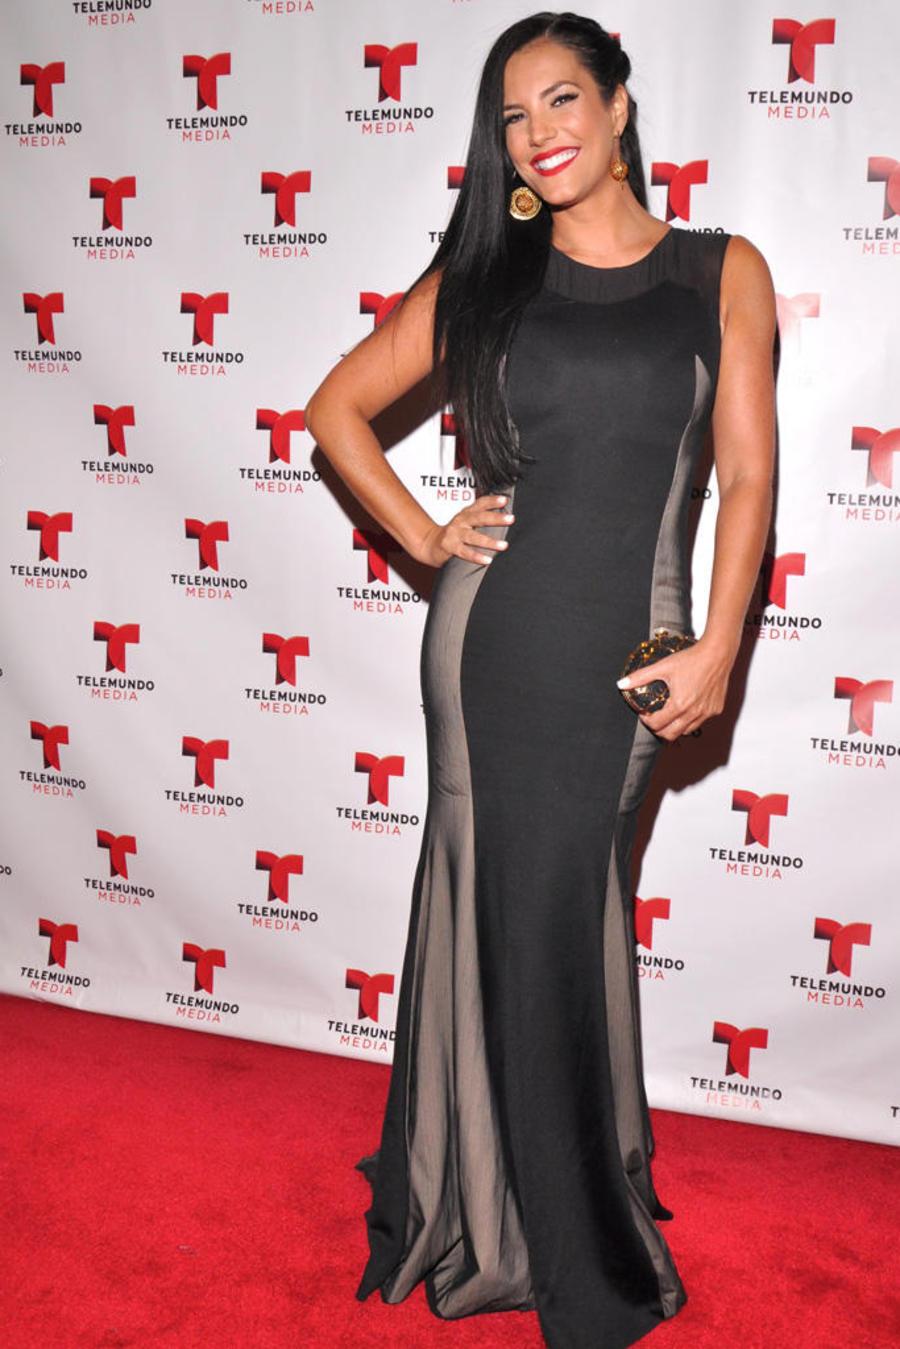 Gaby Espino en la alfombra roja para el Upfront de Telemundo en el 2013